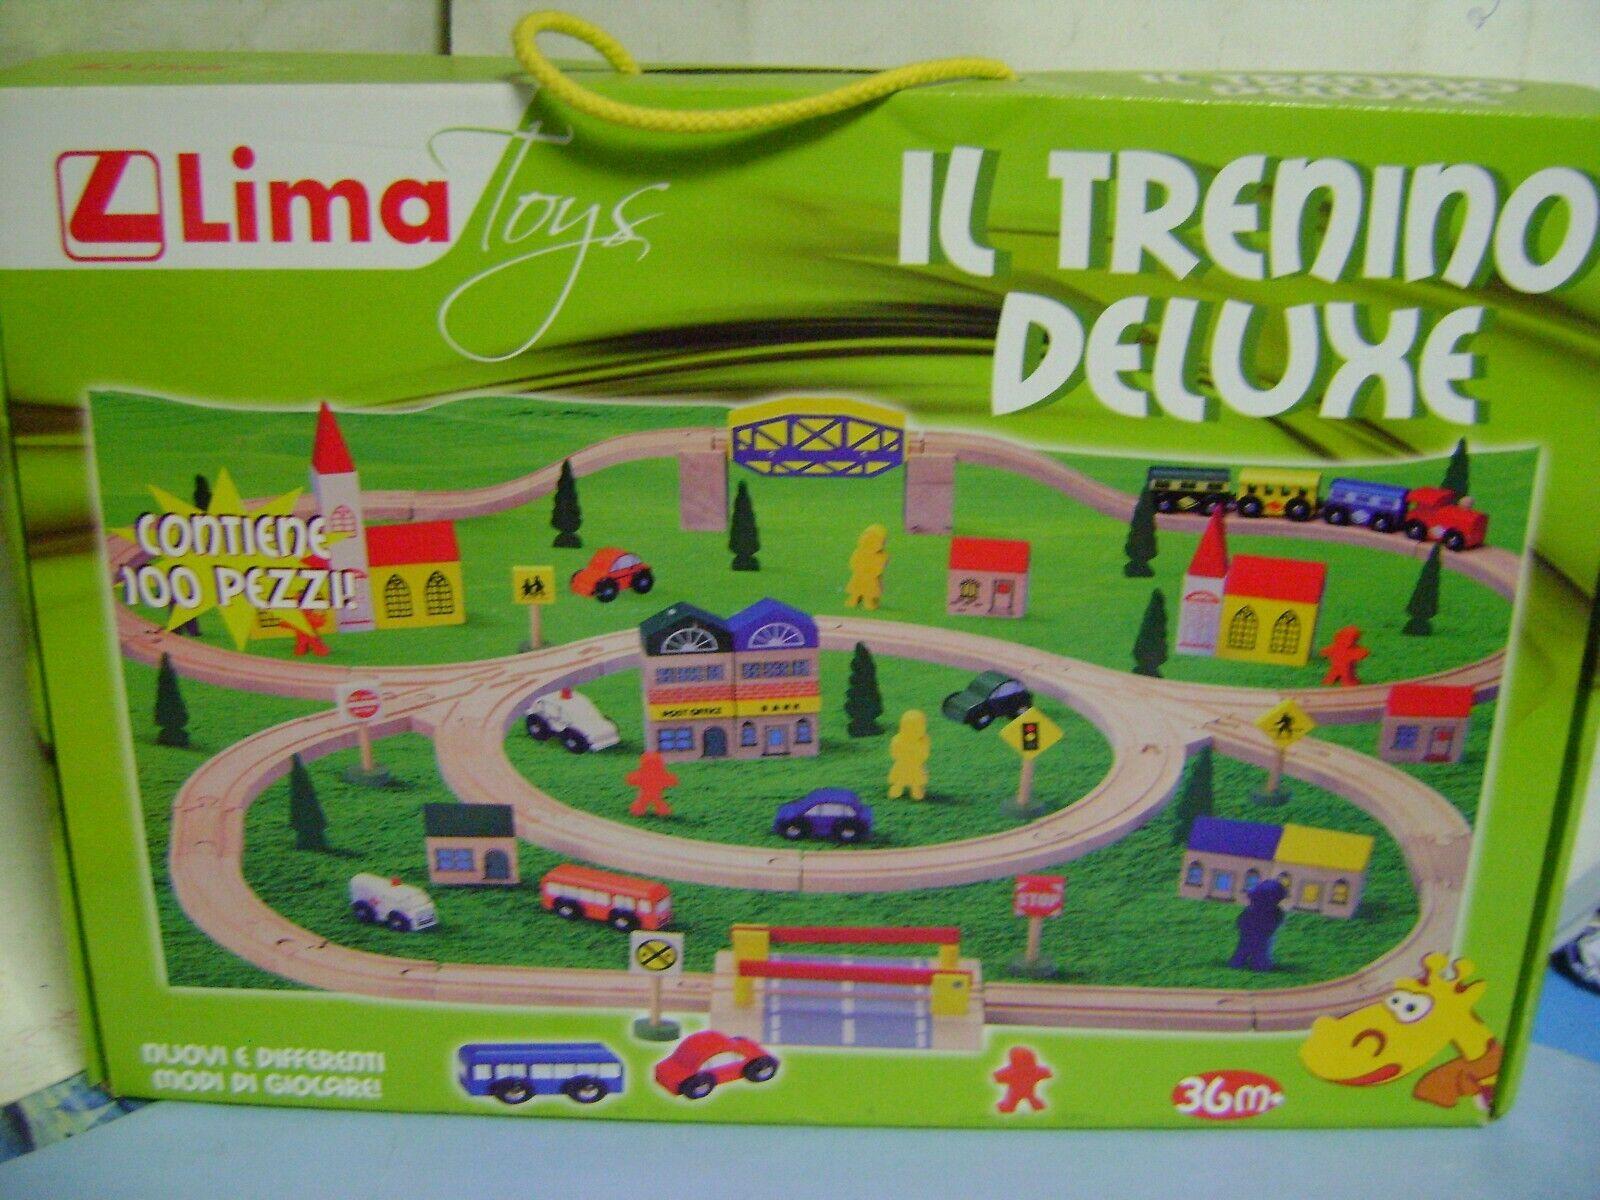 IL TRENINO DE LUXE IN LEGNO LIMA TOYS 100 PEZZI